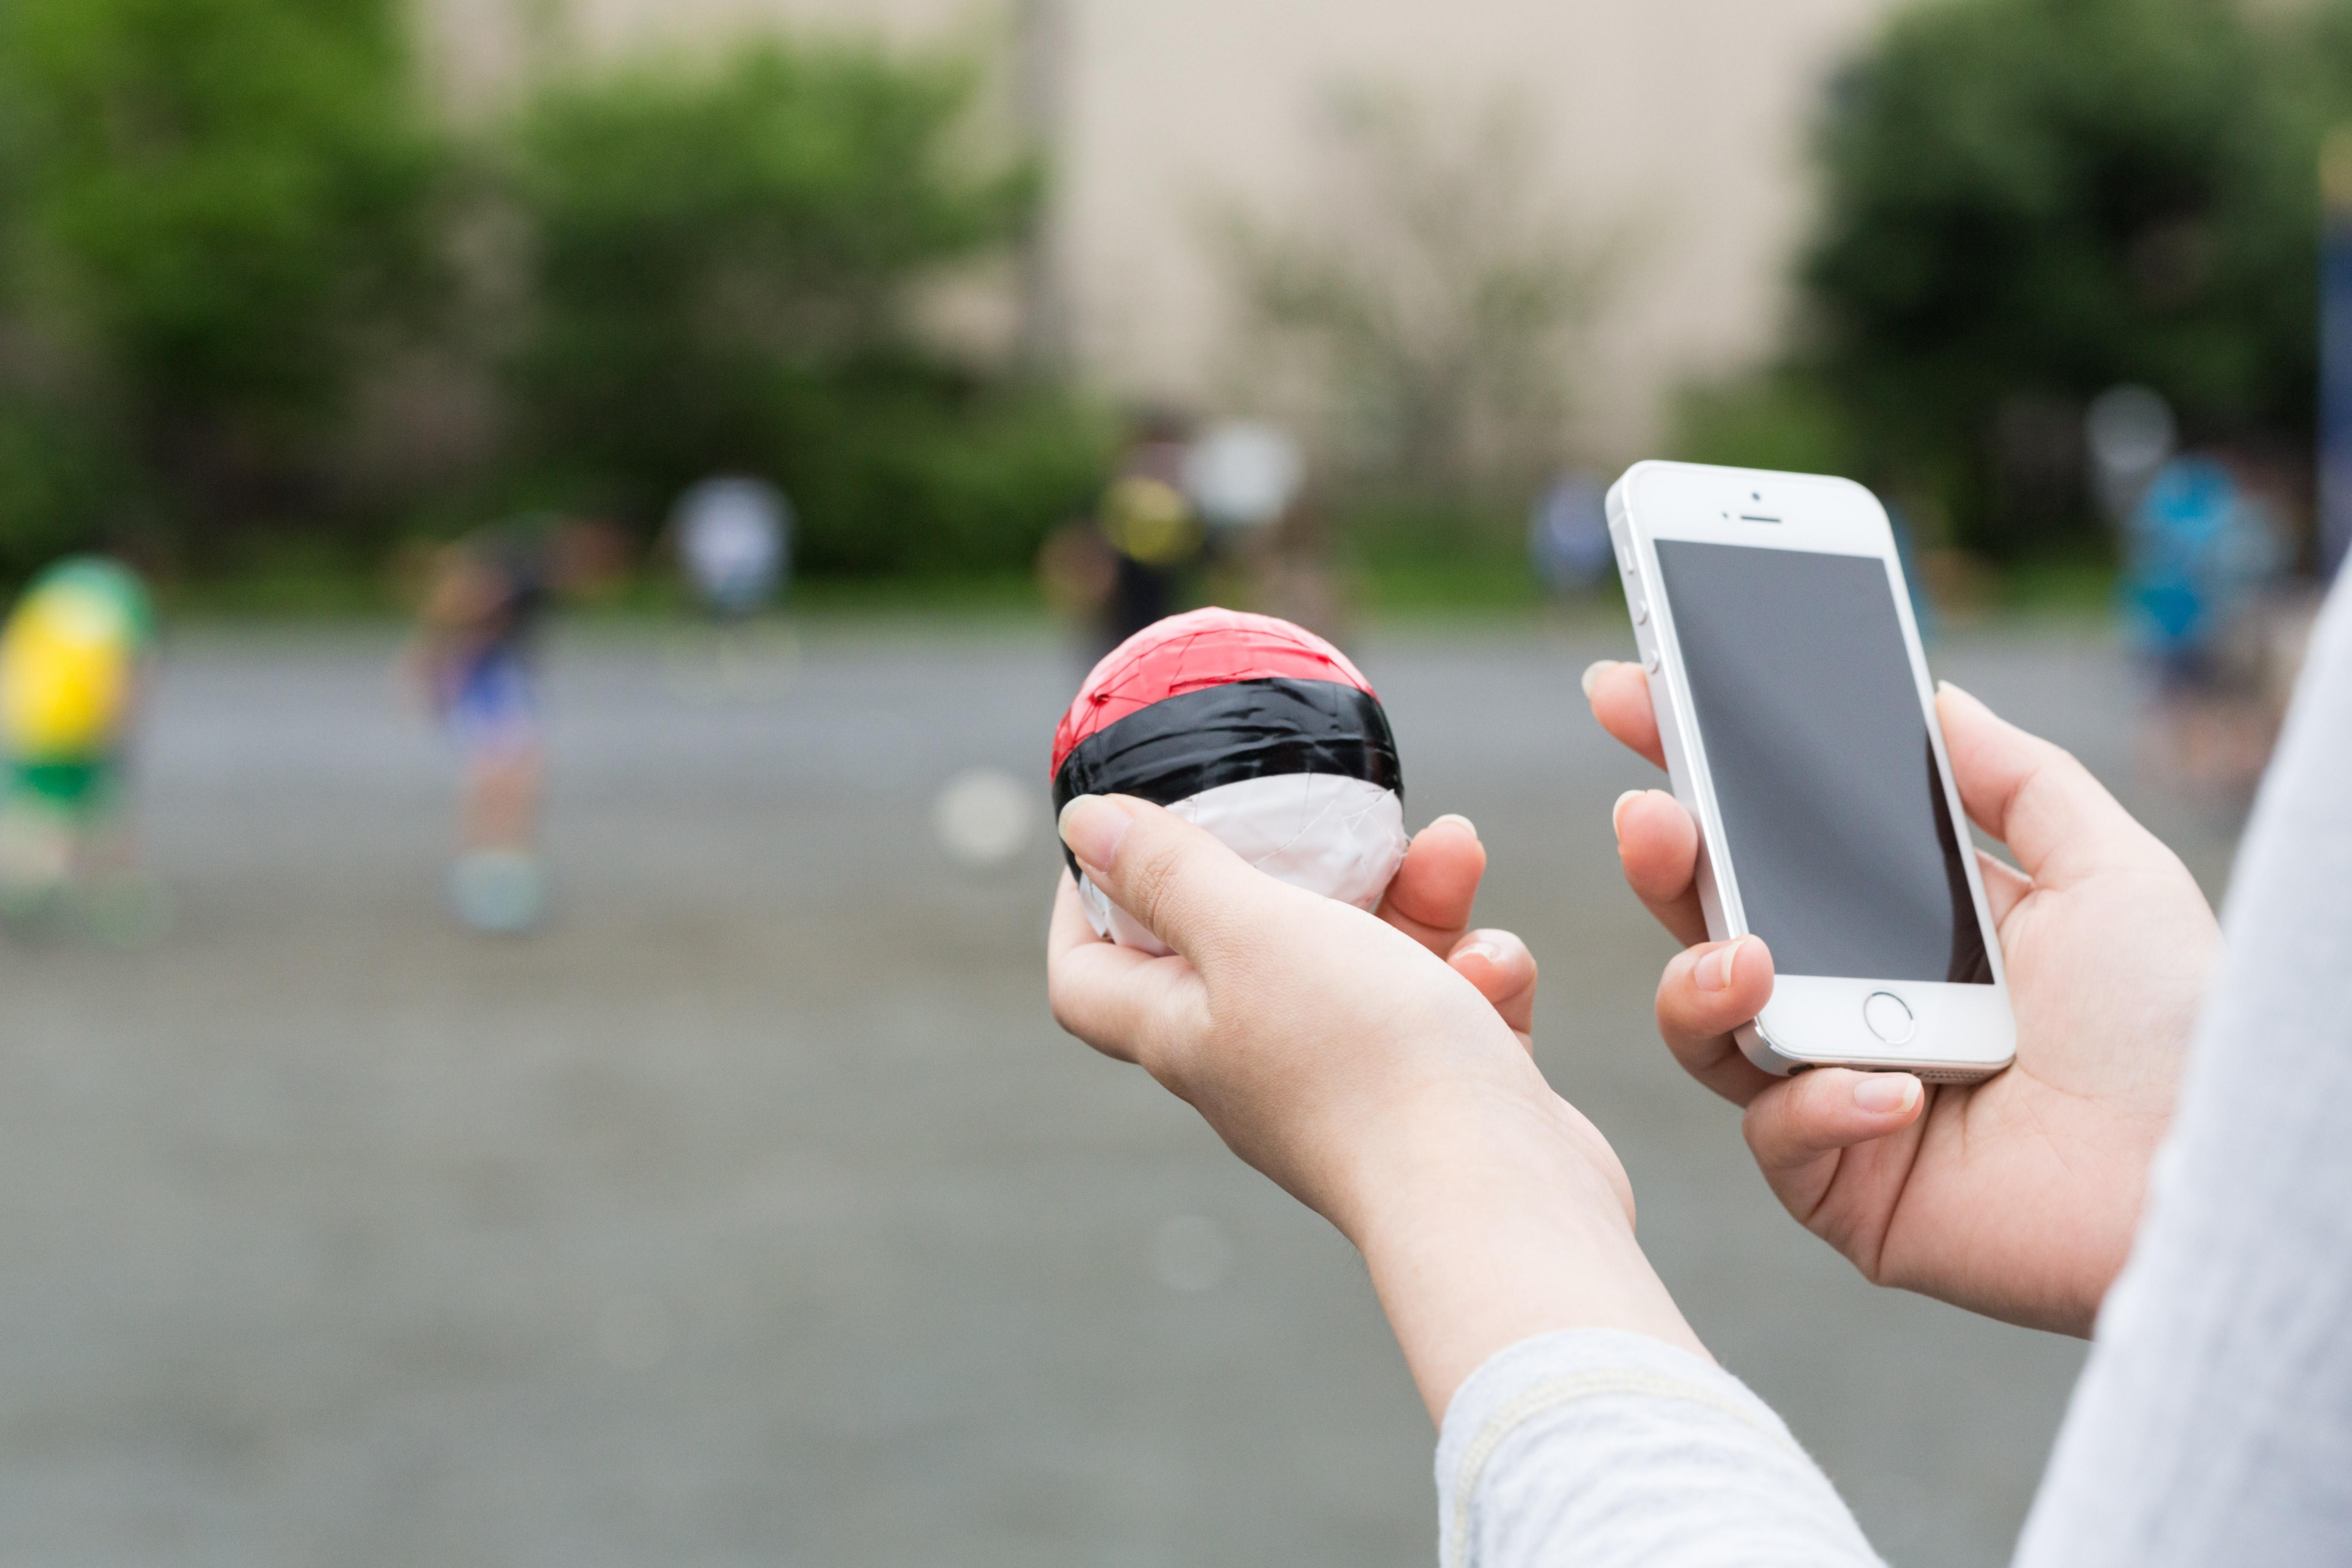 「ポケモンGO」ゲームに疎い親こそ知りたい子どもと安全に楽しむためのコツ